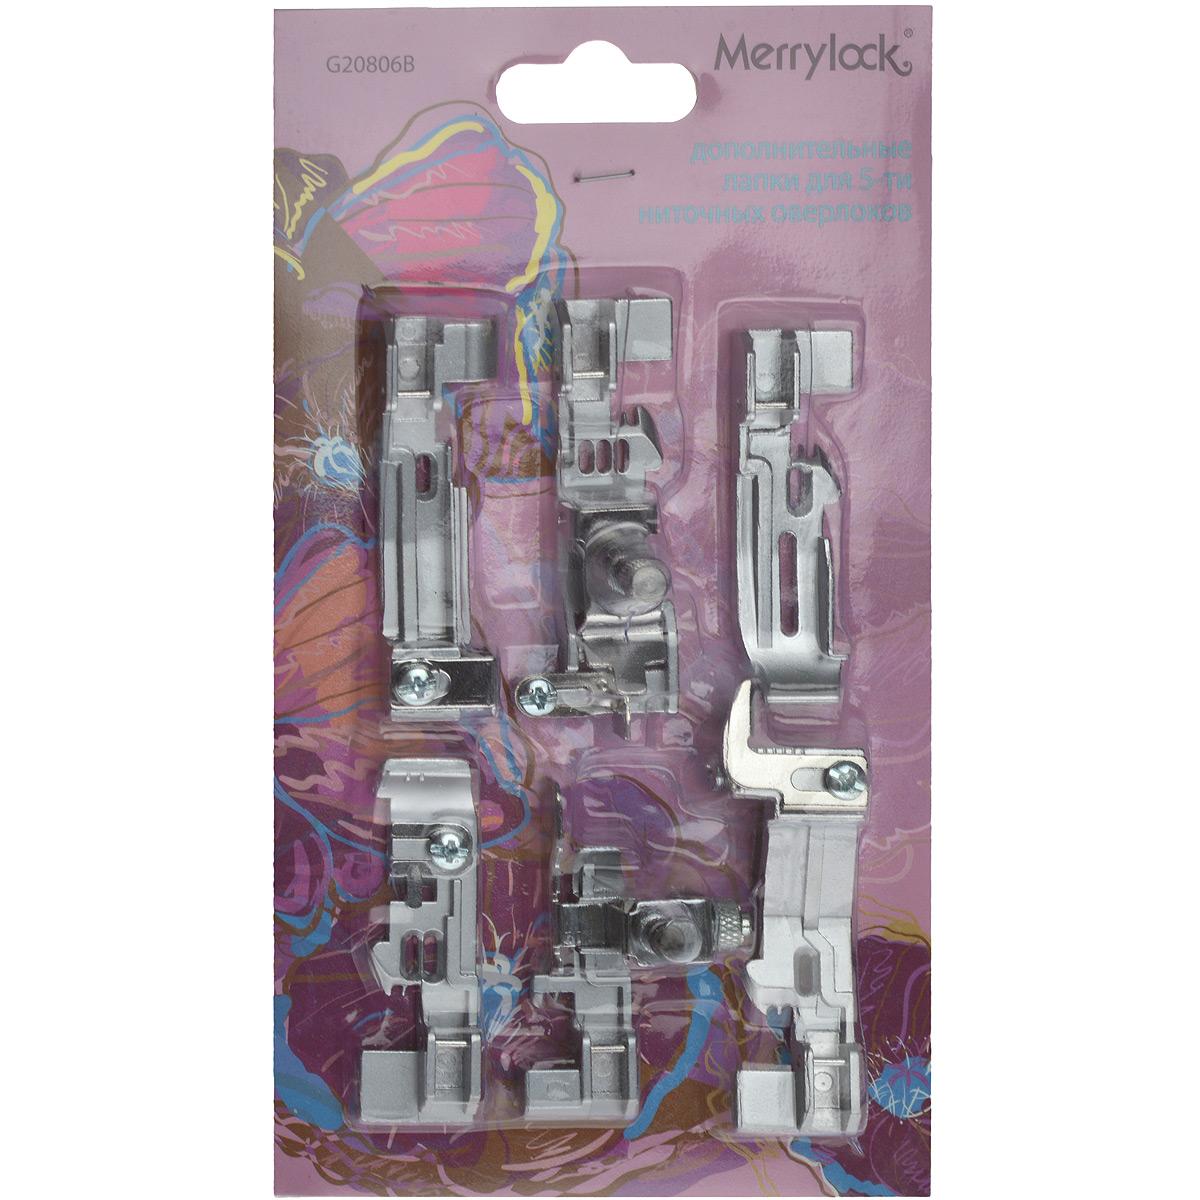 Merrylock комплект лапок для 5-ниточного оверлока4716779470185Набор из 6-ти лапок Merrylock для 5-ниточного оверлока. Комплект включает в себя: Лапка для пришивания эластичной ленты, которая применяется для пришивания резиновой ленты. При это можно регулировать степень стягивания ленты. Лапка для потайной строчки. Она применяется для пошива поясов трикотажных изделий и выполнения невидимых строчек на изделиях. Лапка для сборки. Она применяется для пошива ступенчатых юбок, оборок, корсажей и т. д. Лапка применяется также для сшивания двух слоев ткани в складку в одну операцию. Лапка для пришивания бисера. Эта лапка используется для вшивания бисерных нитей. Лапка для прокладывания шнура и канта. Применяется для прокладывания шнура и канта между двумя кусками материала. Лапка для вшивания вкладной нити. С помощью этой лапки можно вшивать шнуры и другие нити